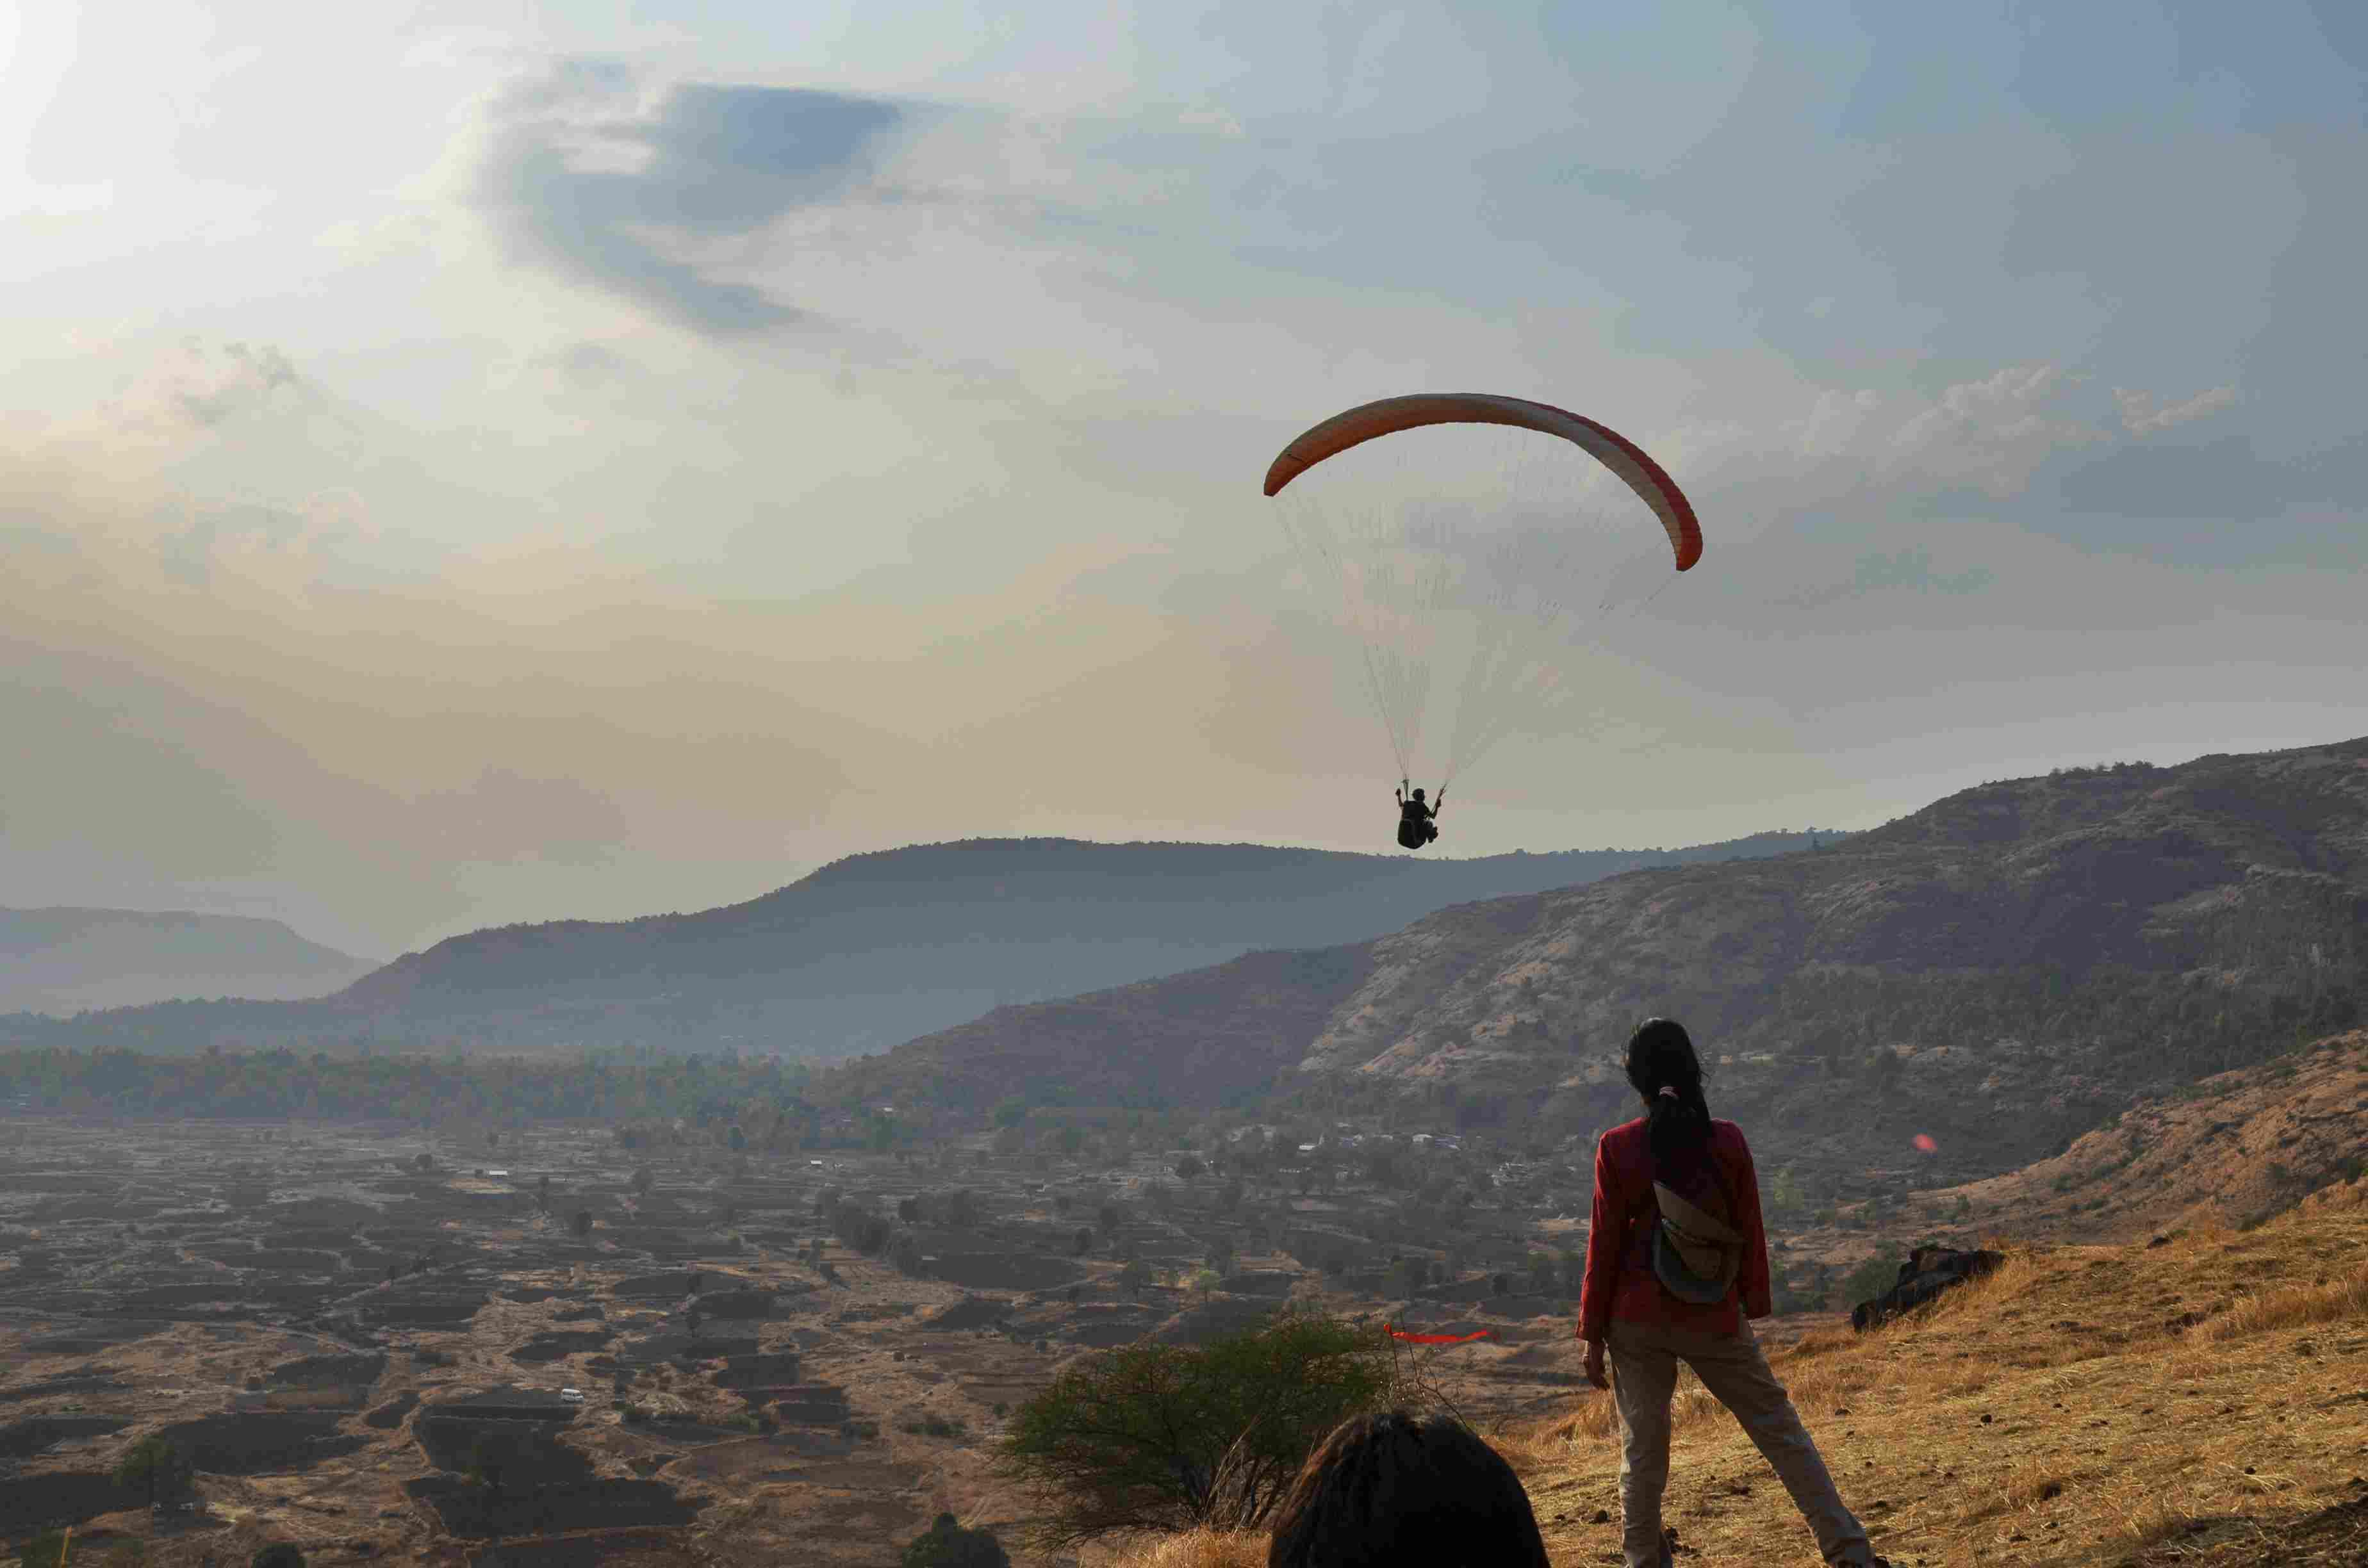 Paragliding at Kamshet.